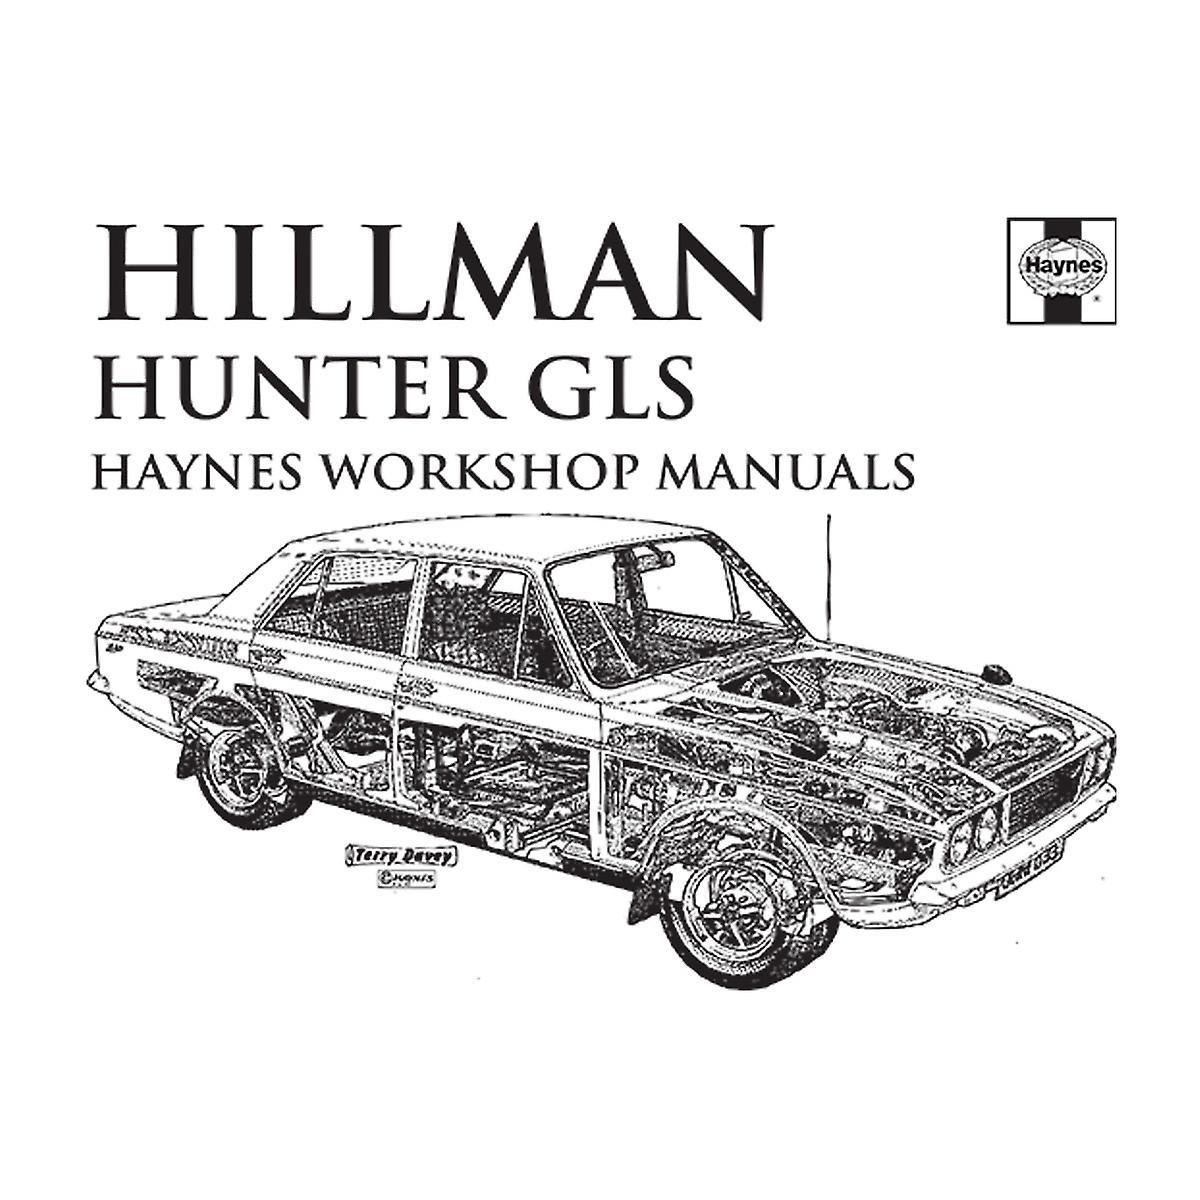 Haynes Workshop Manual 0033 Hillman Hunter GLS Black Men's